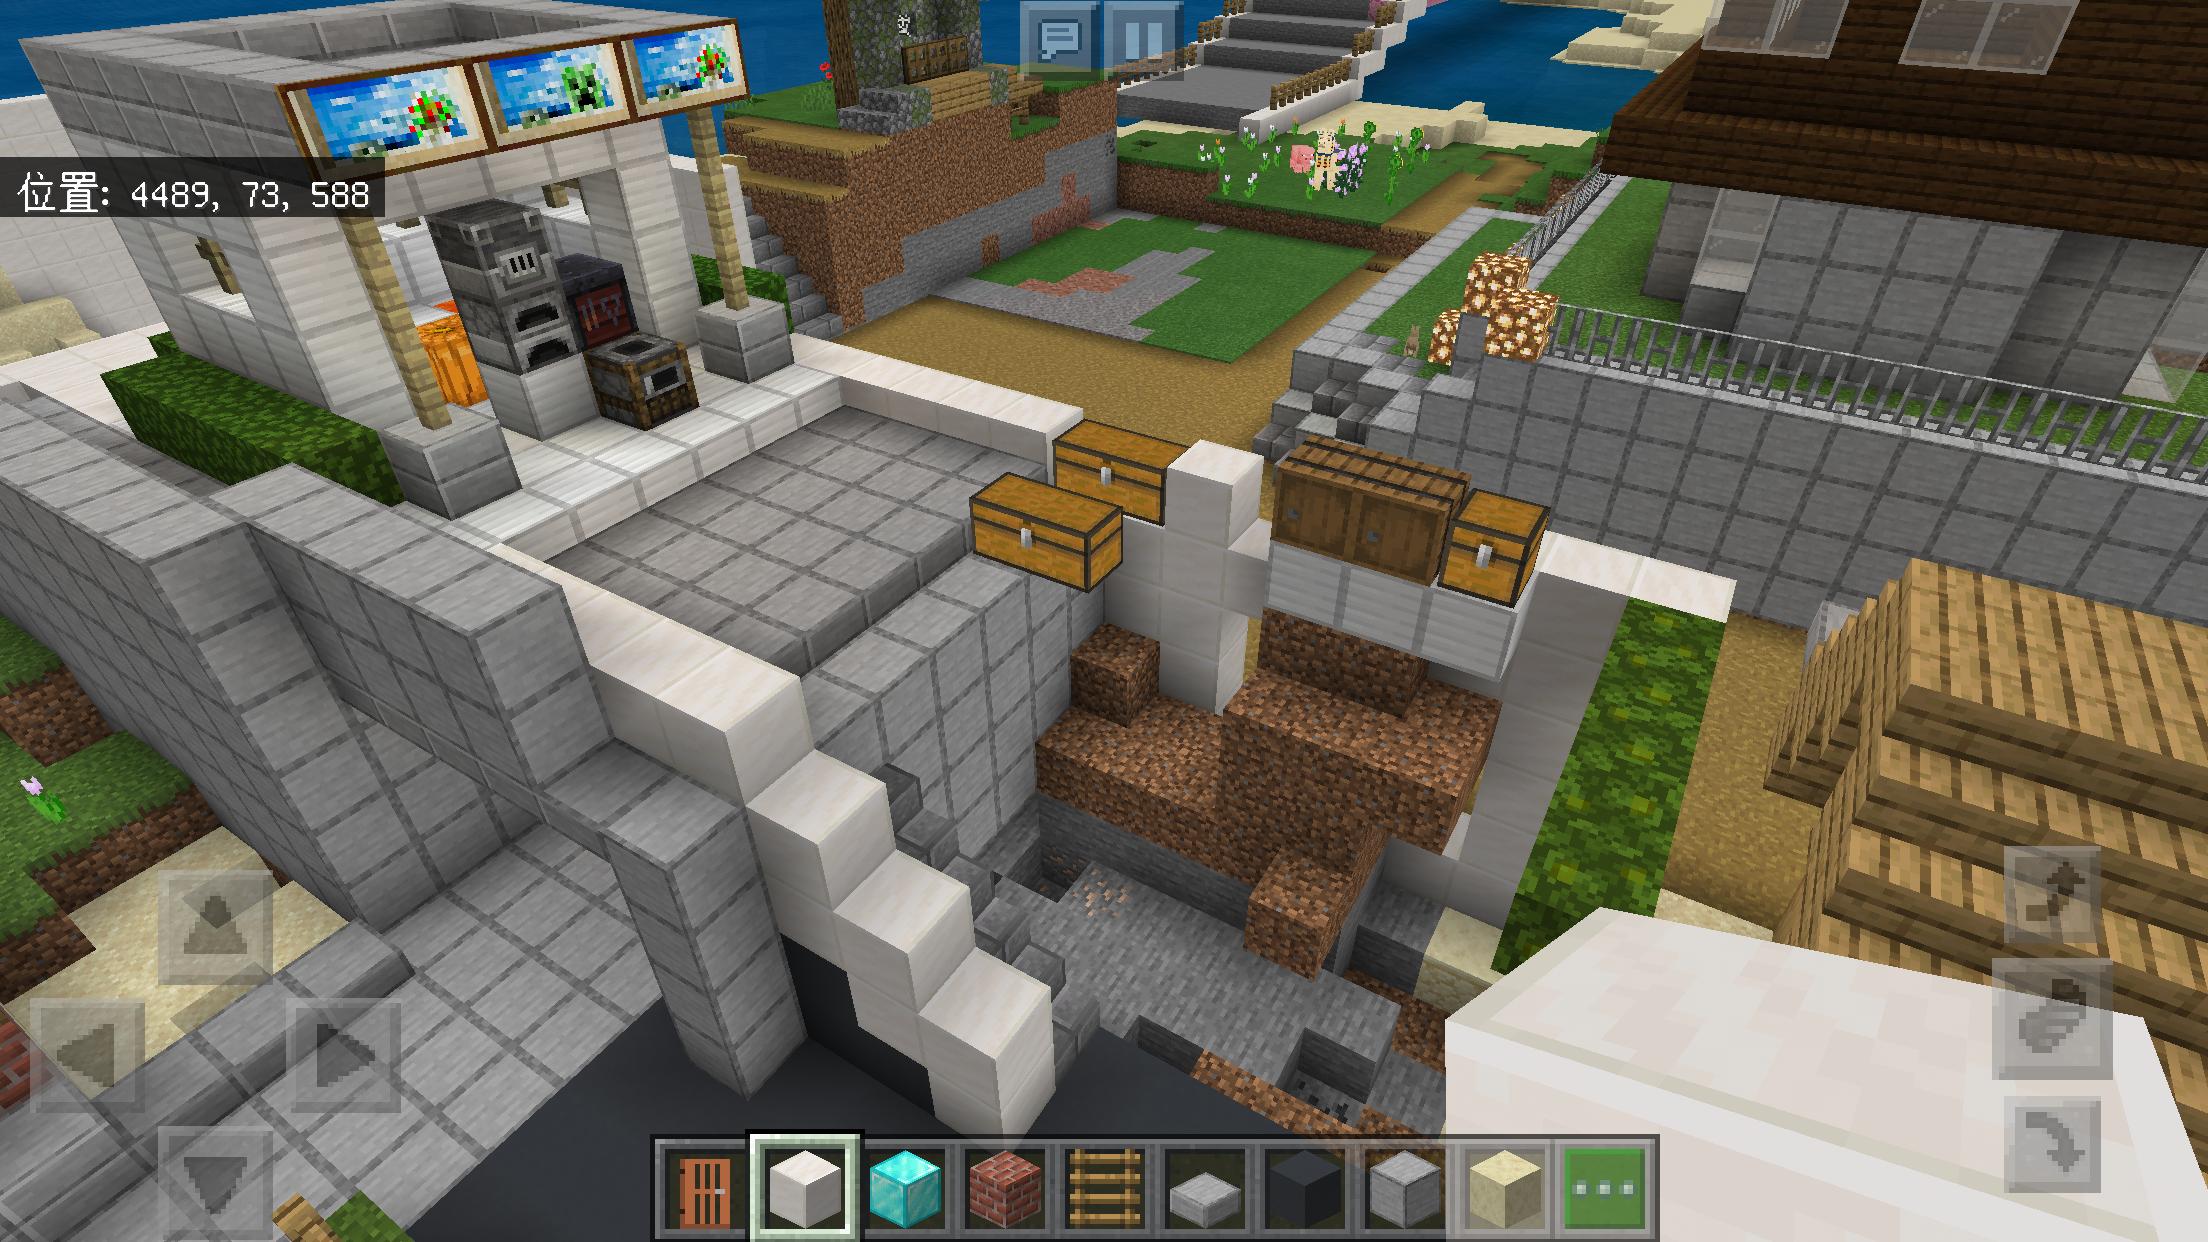 f:id:Minecraftkun:20200223180708p:image